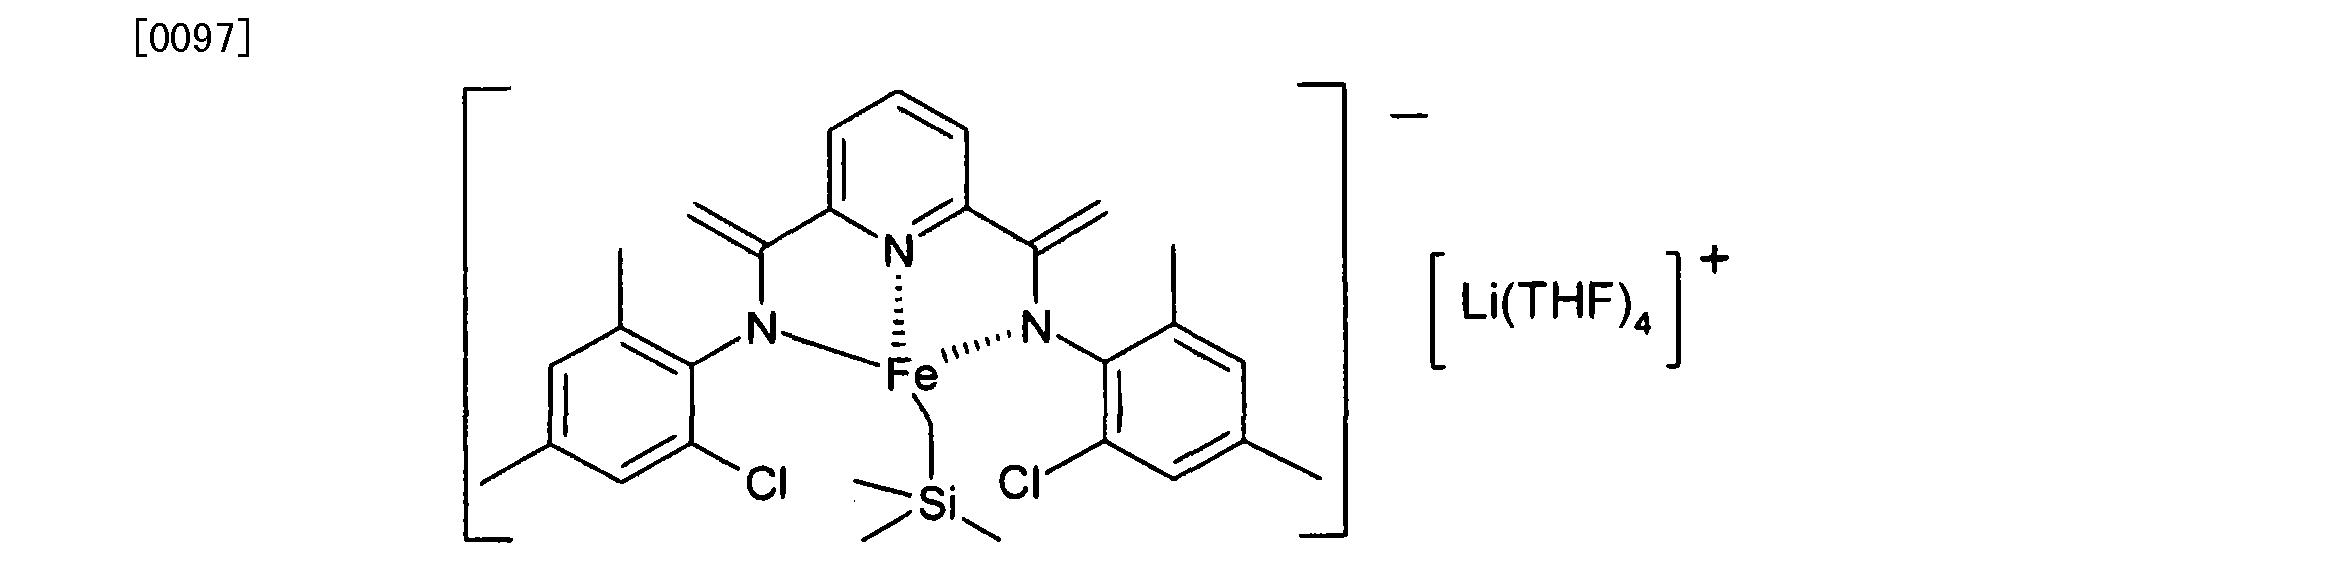 Figure CN101652178BD00161